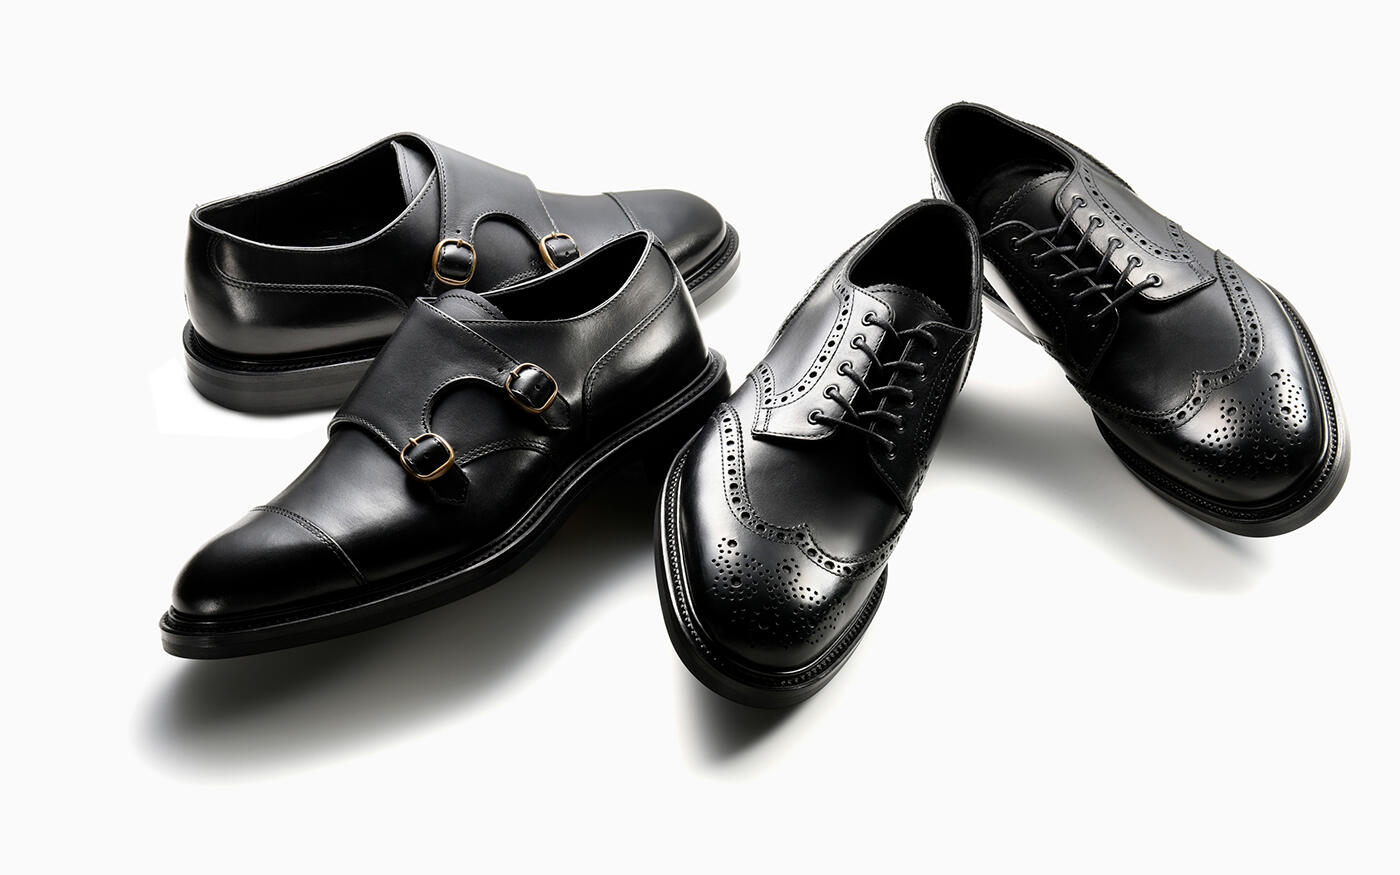 【コスパも優良】 今だからこそ買い! ||「三陽山長」のオンオフ兼用本格靴